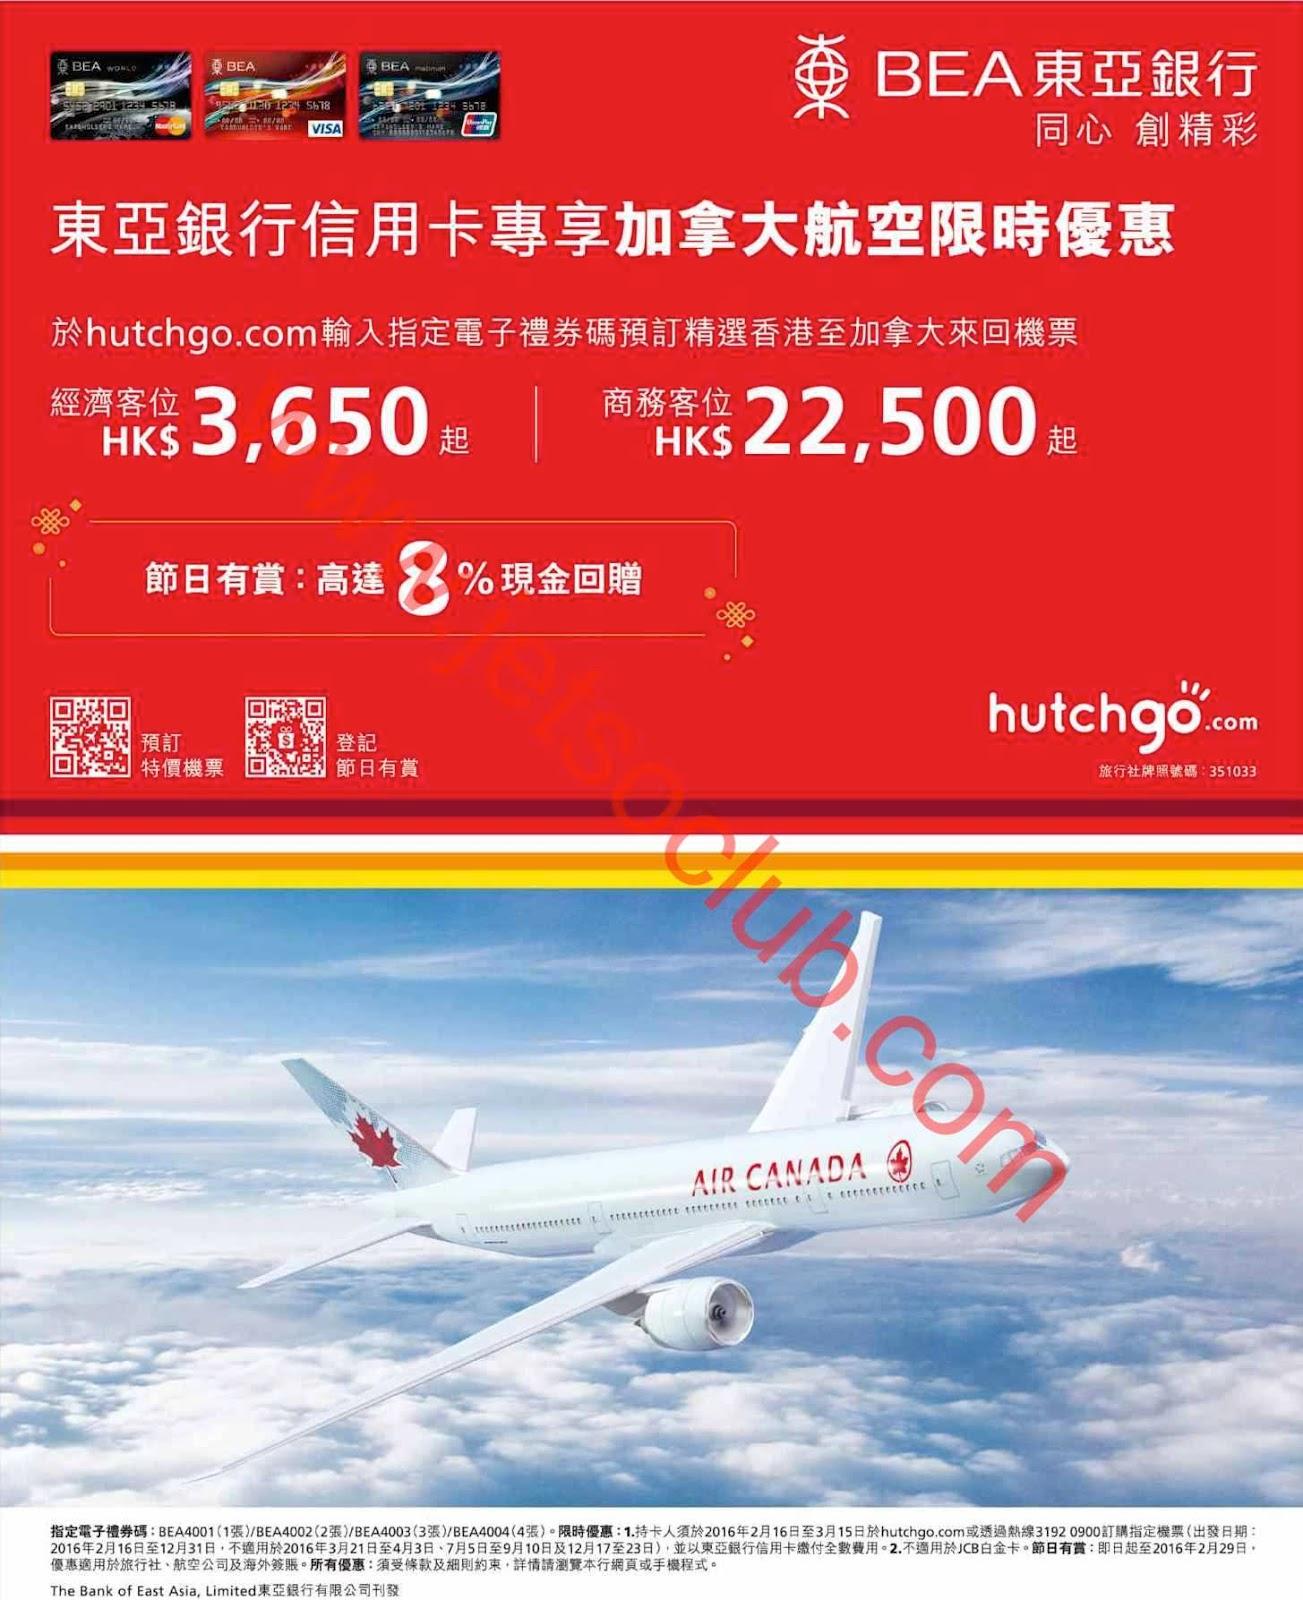 東亞信用卡:加拿大航空限時優惠 加拿大來回機票 $3650起(訂購:16/2-15/3) ( Jetso Club 著數俱樂部 )